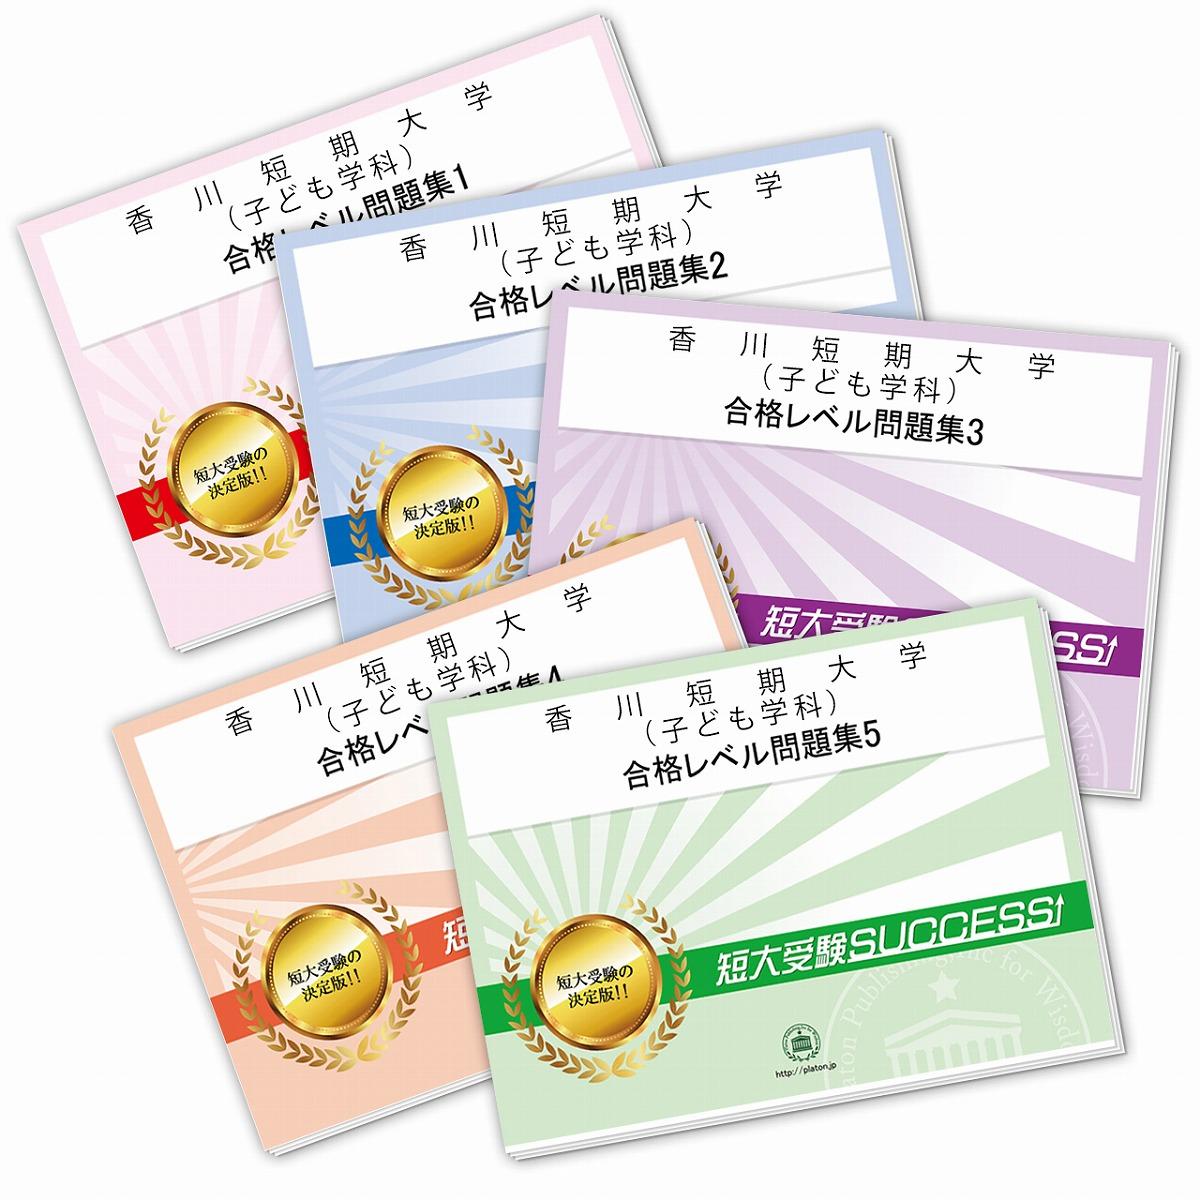 【送料・代引手数料無料】香川短期大学(子ども学科)受験合格セット(5冊)